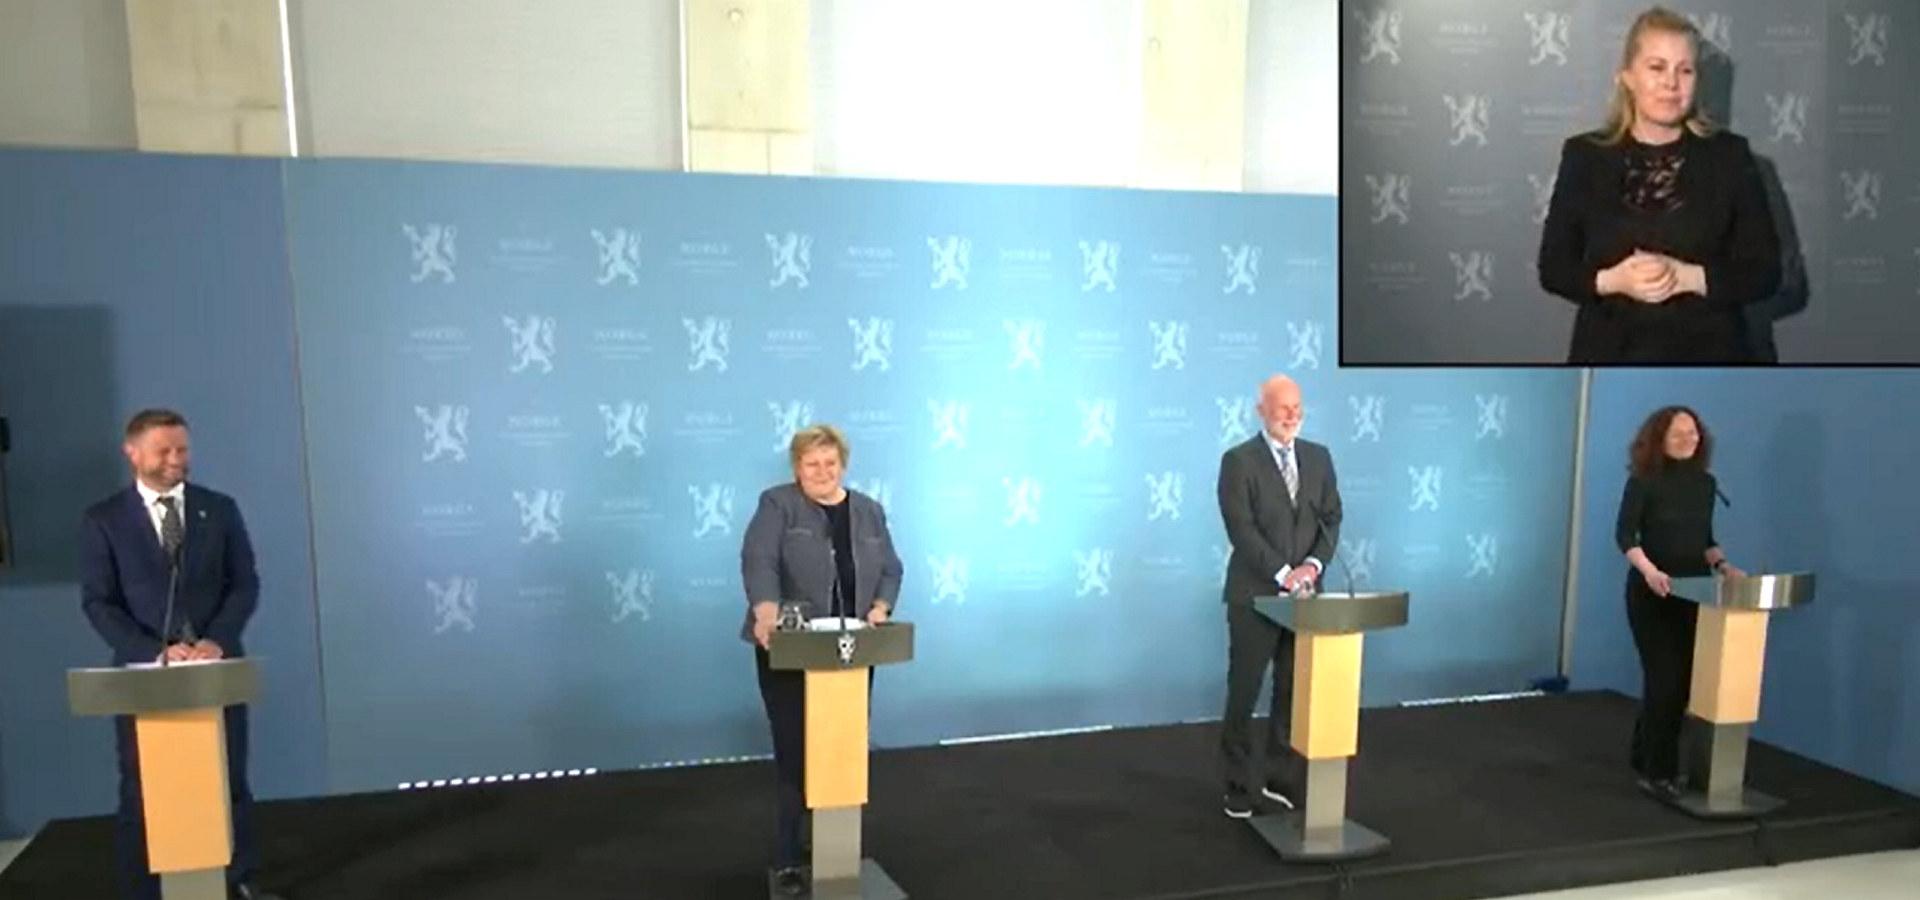 Regjeringens pressekonferanse i forbindelse med fremleggelse av plan for gjenåpning av Norge 7. april 2021. Skjermdump fra regjeringen.no